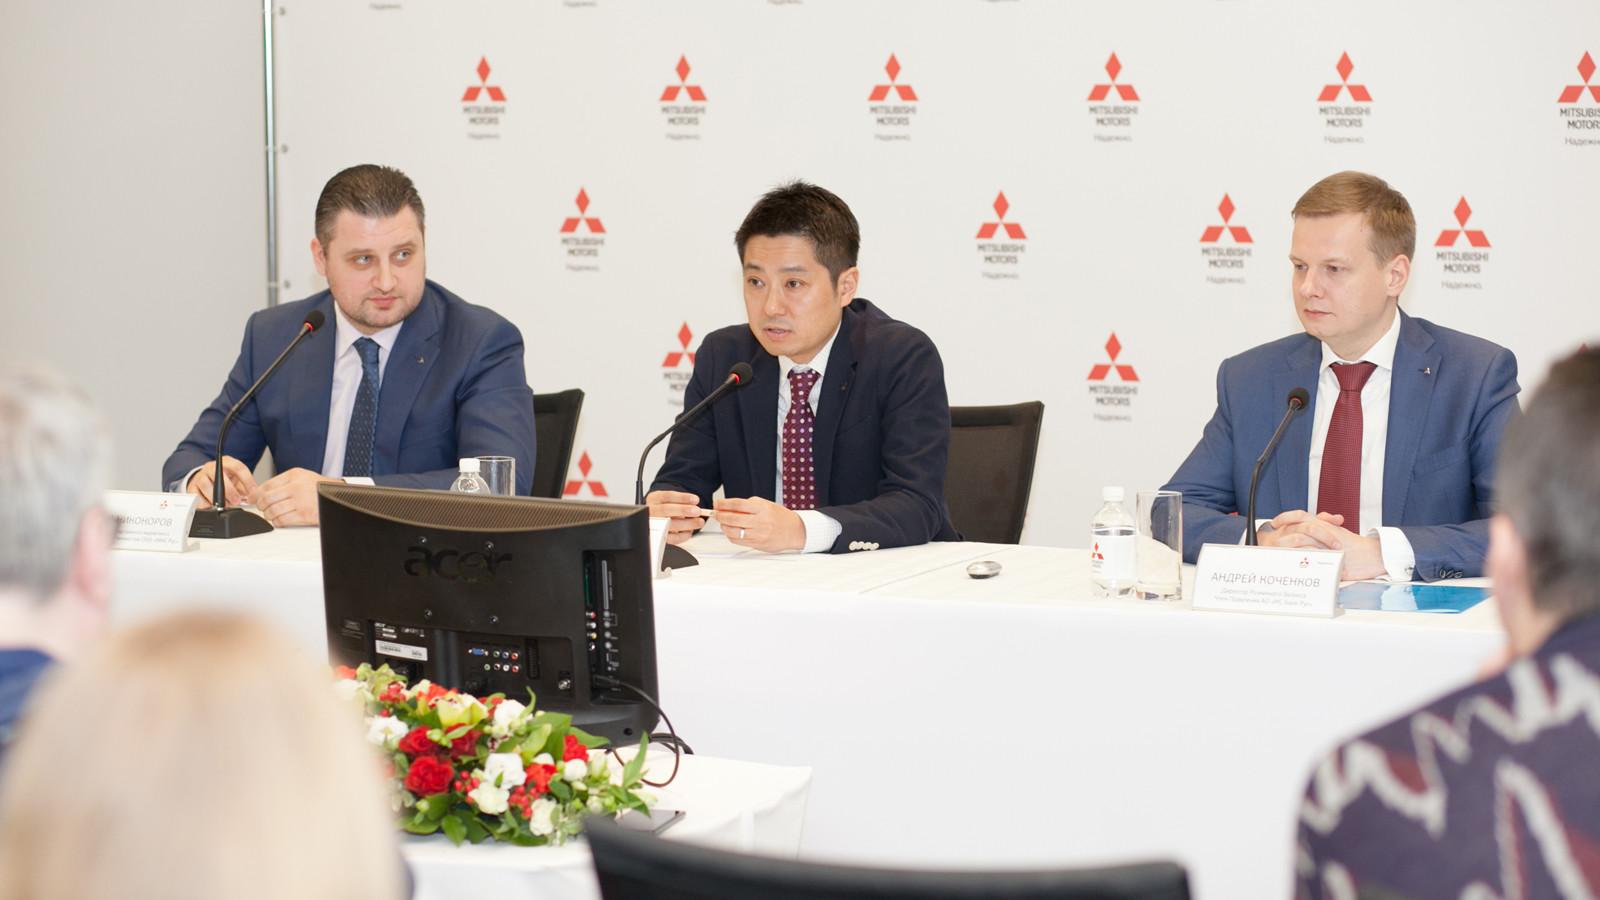 Митцубиши привезет в Российскую Федерацию сразу две новинки впервой половине 2017 года